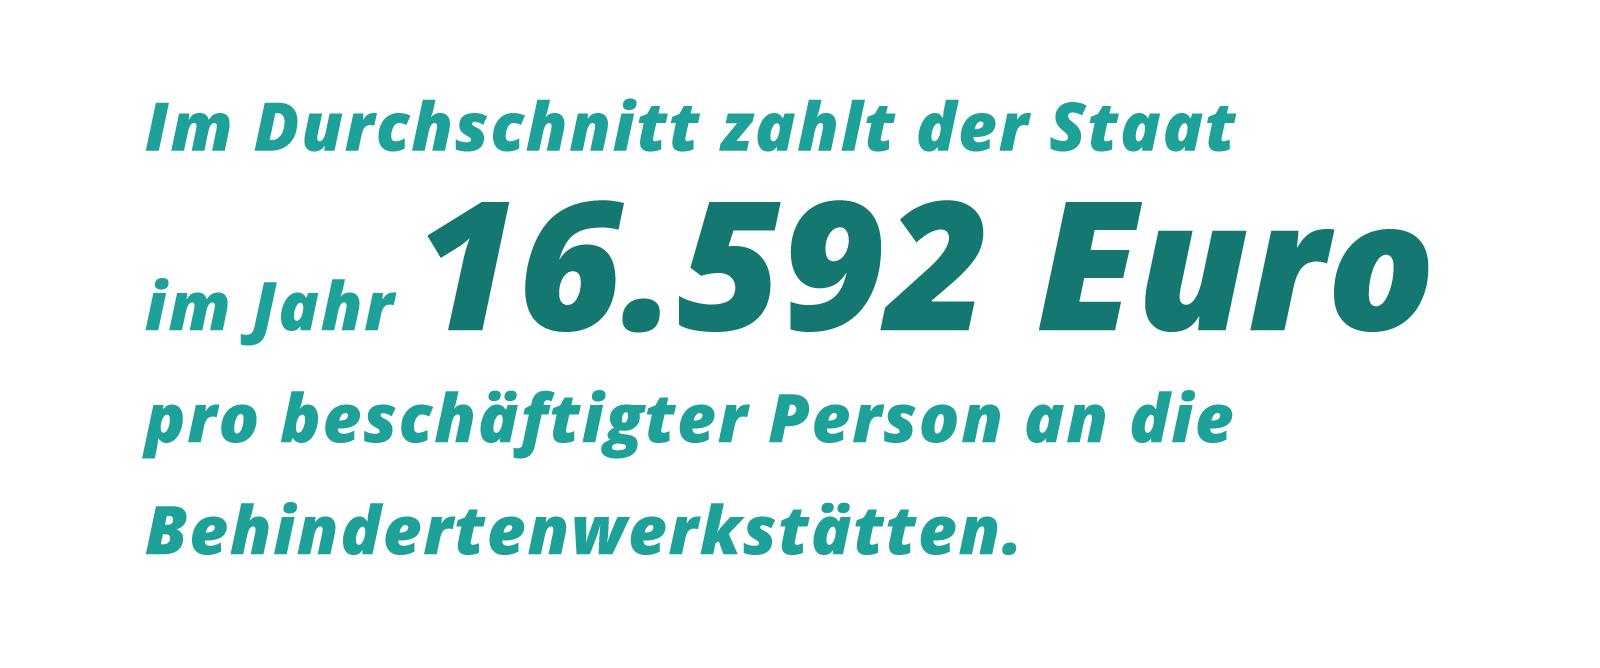 Grafik: Im Durchschnitt zahlt der Staat im Jahr 16.592 Euro pro beschäftigter Person an die Behindertenwerkstätten.